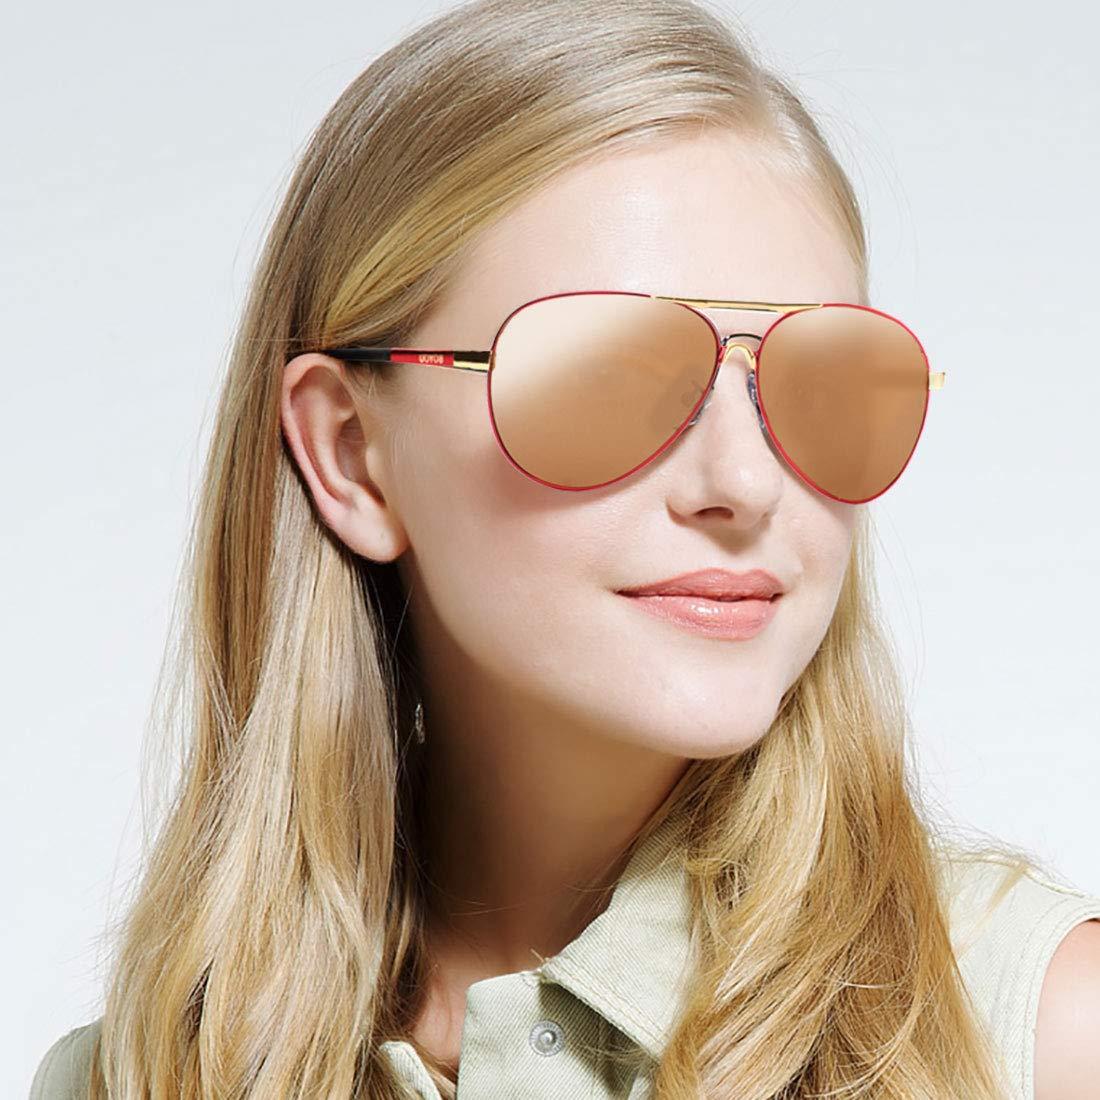 BOYOU Occhiali Da Sole Polarizzati Vintage Retr/ò Da Pilota Con Cerniera a Molla Per Occhiali UV400 Per Uomo e Donna